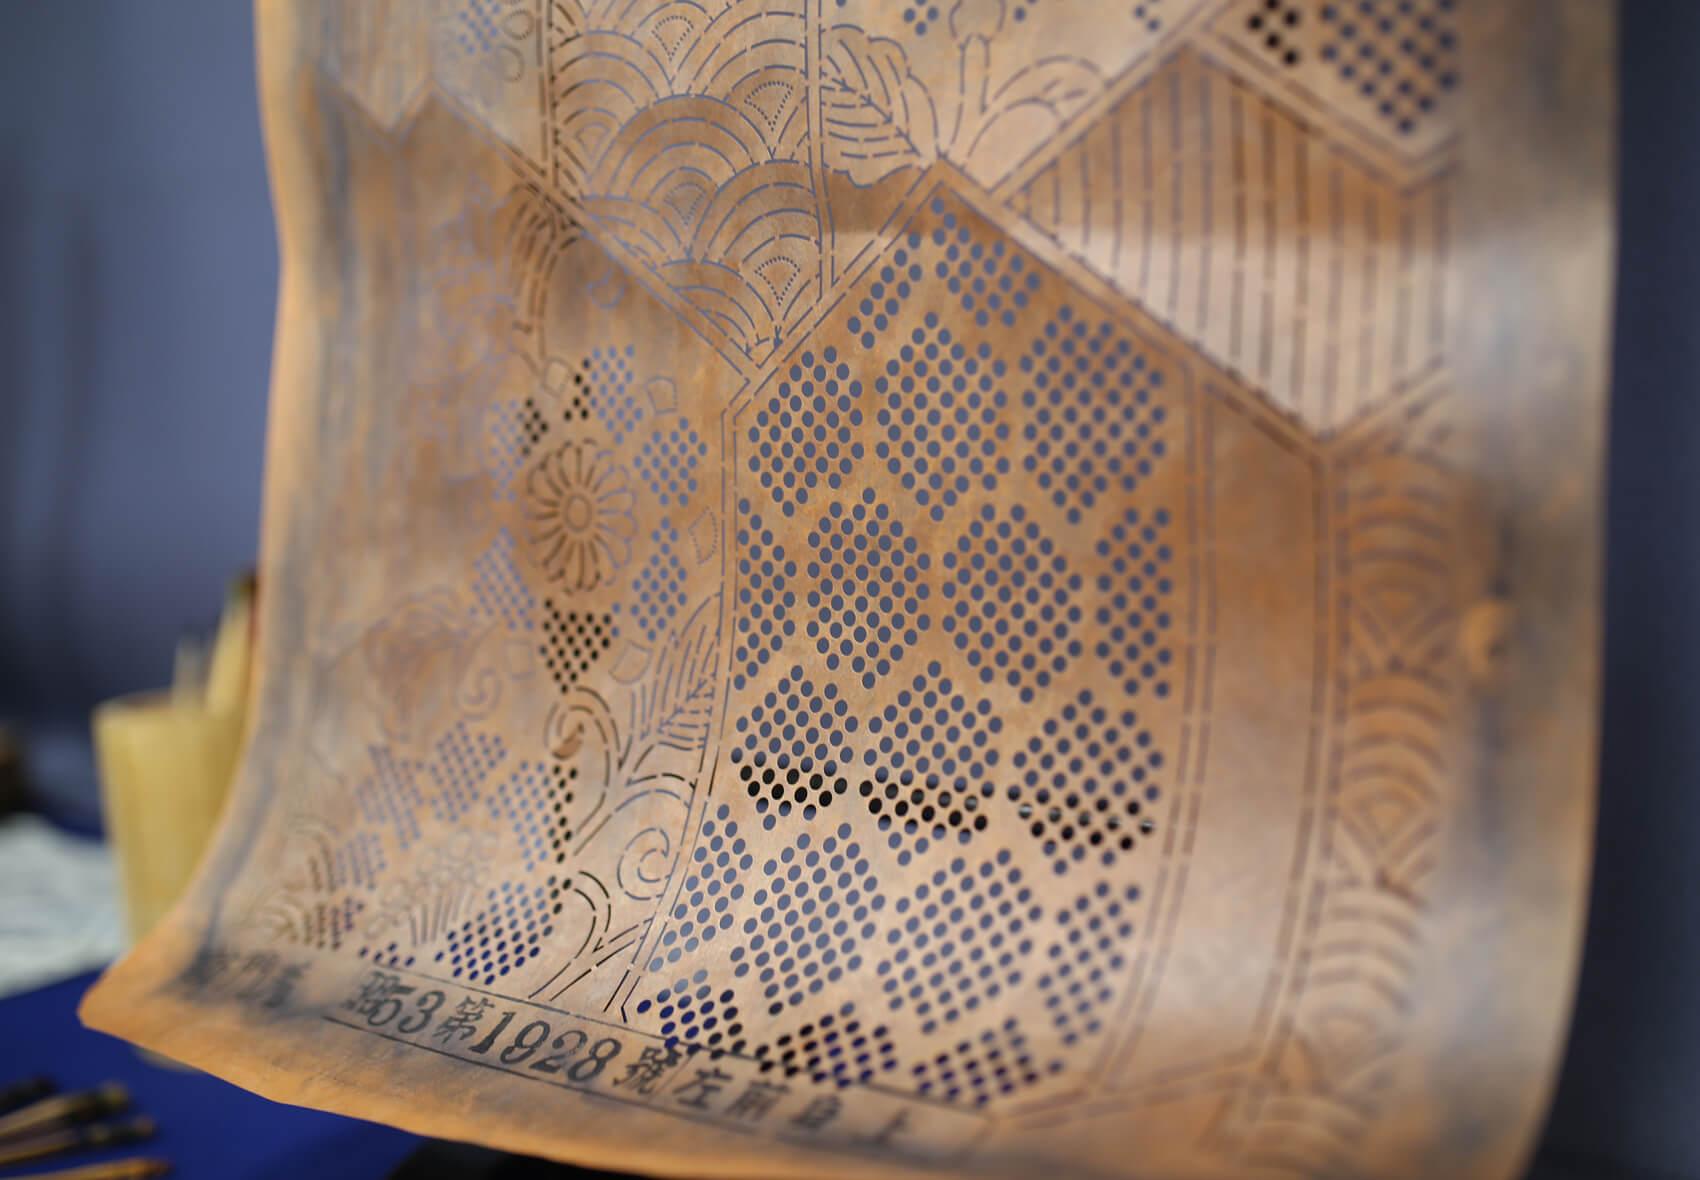 型紙。下絵に従って絞る部分を実寸の方眼紙に落とし込み、その後、和紙を柿渋に何度も浸した型紙に写して彫刻刀のような道具で彫っていきます。